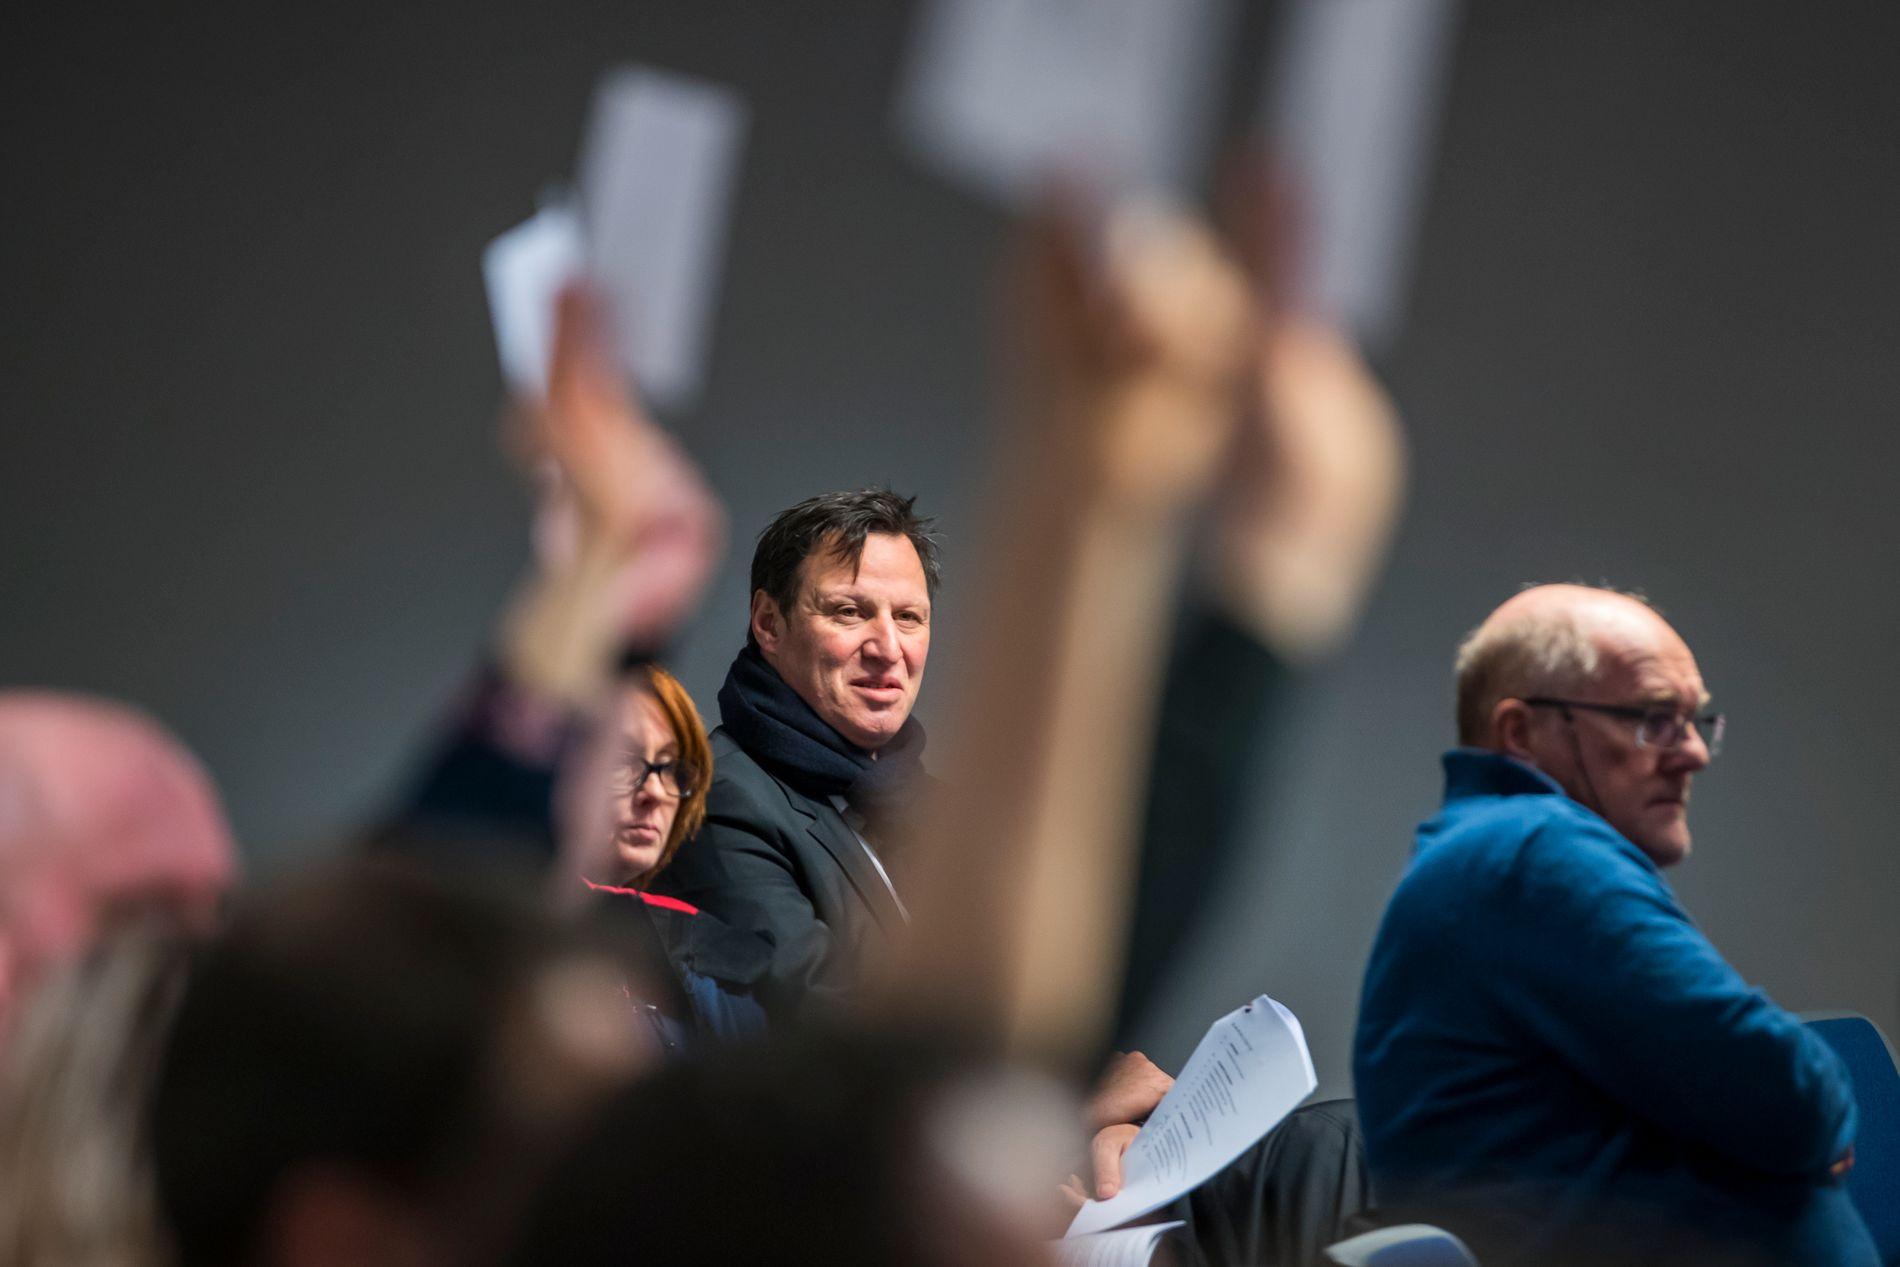 Idrettspresident Tom Tvedt, som her fulgte med når det voteres over styrets inhabilitet under det ekstraordinære forbundsstinget til Norges Cykleforbund (NCF),  har måttet håndtere den ene vanskelige saken etter den andre. Nå får NIF hard medfart av Riksrevisjonen.